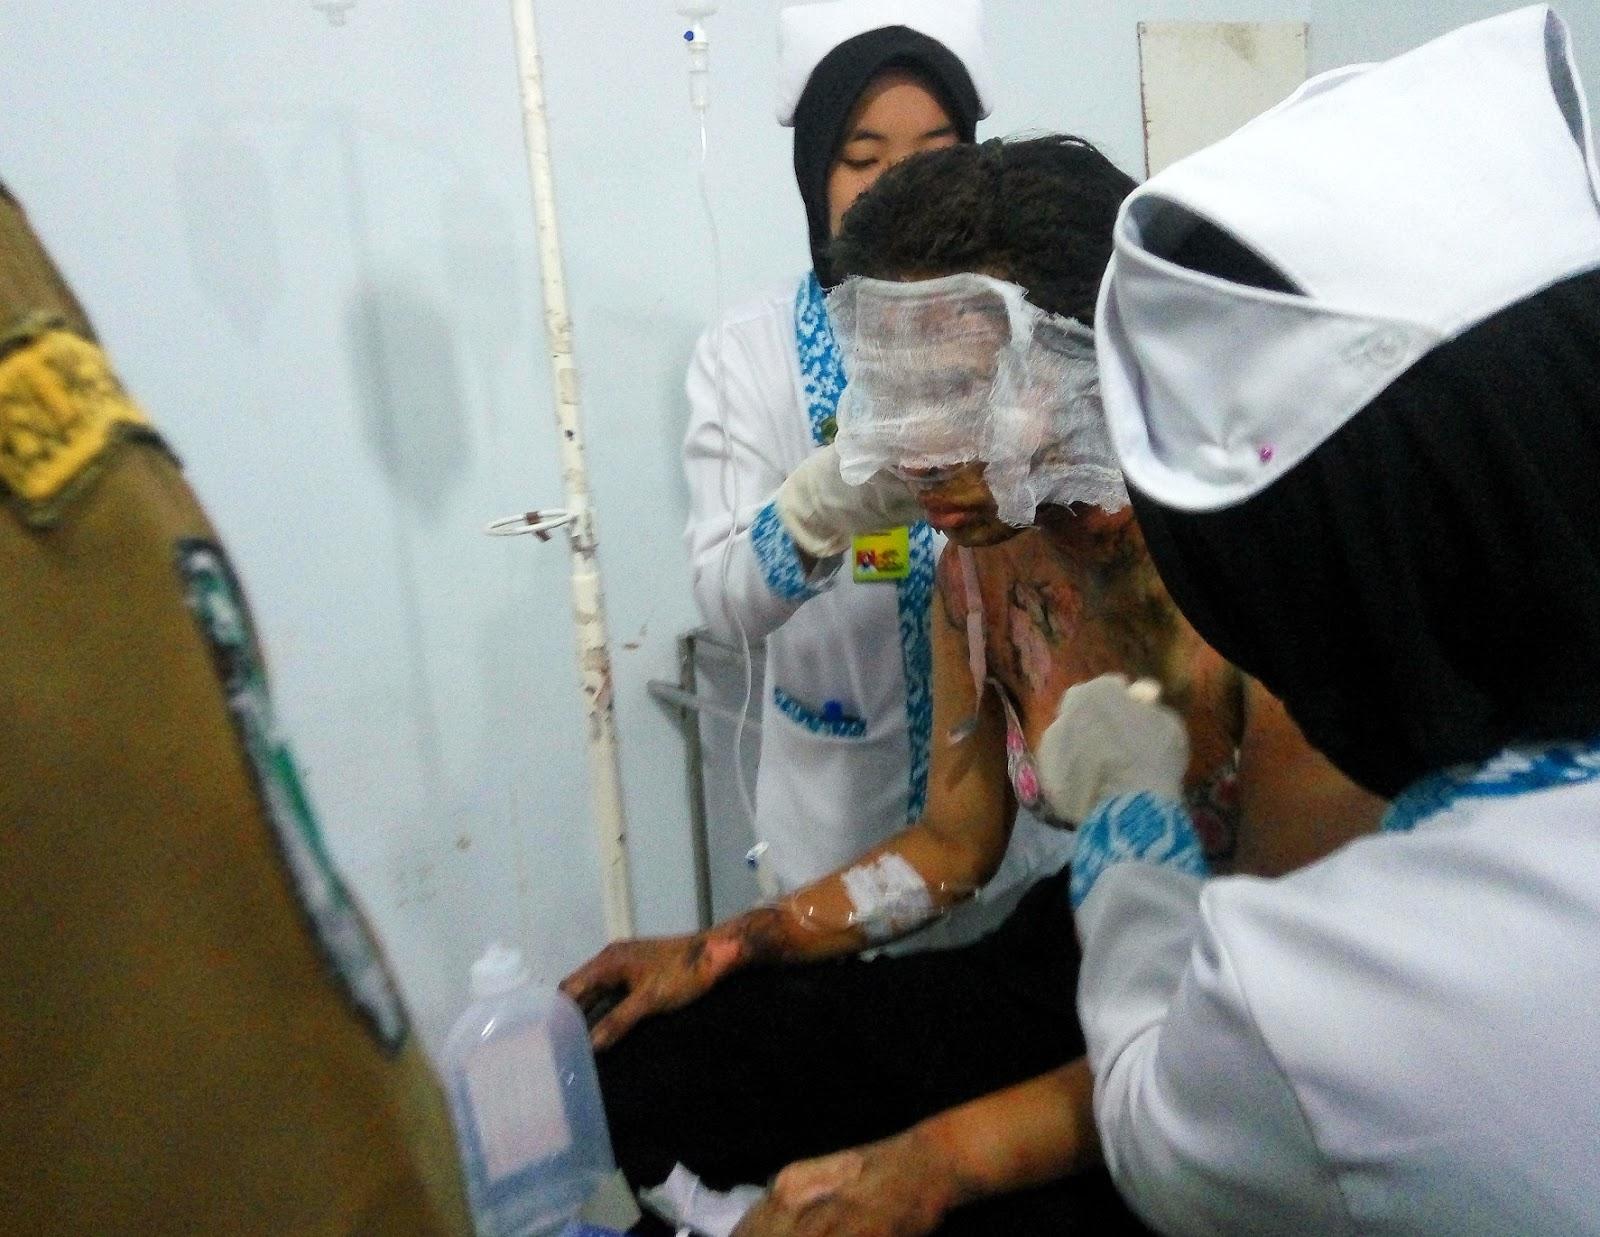 Perawat memberikan pertolongan medis kepada korban yang terbakar di IGD RSUD Kota Padangsidimpuan